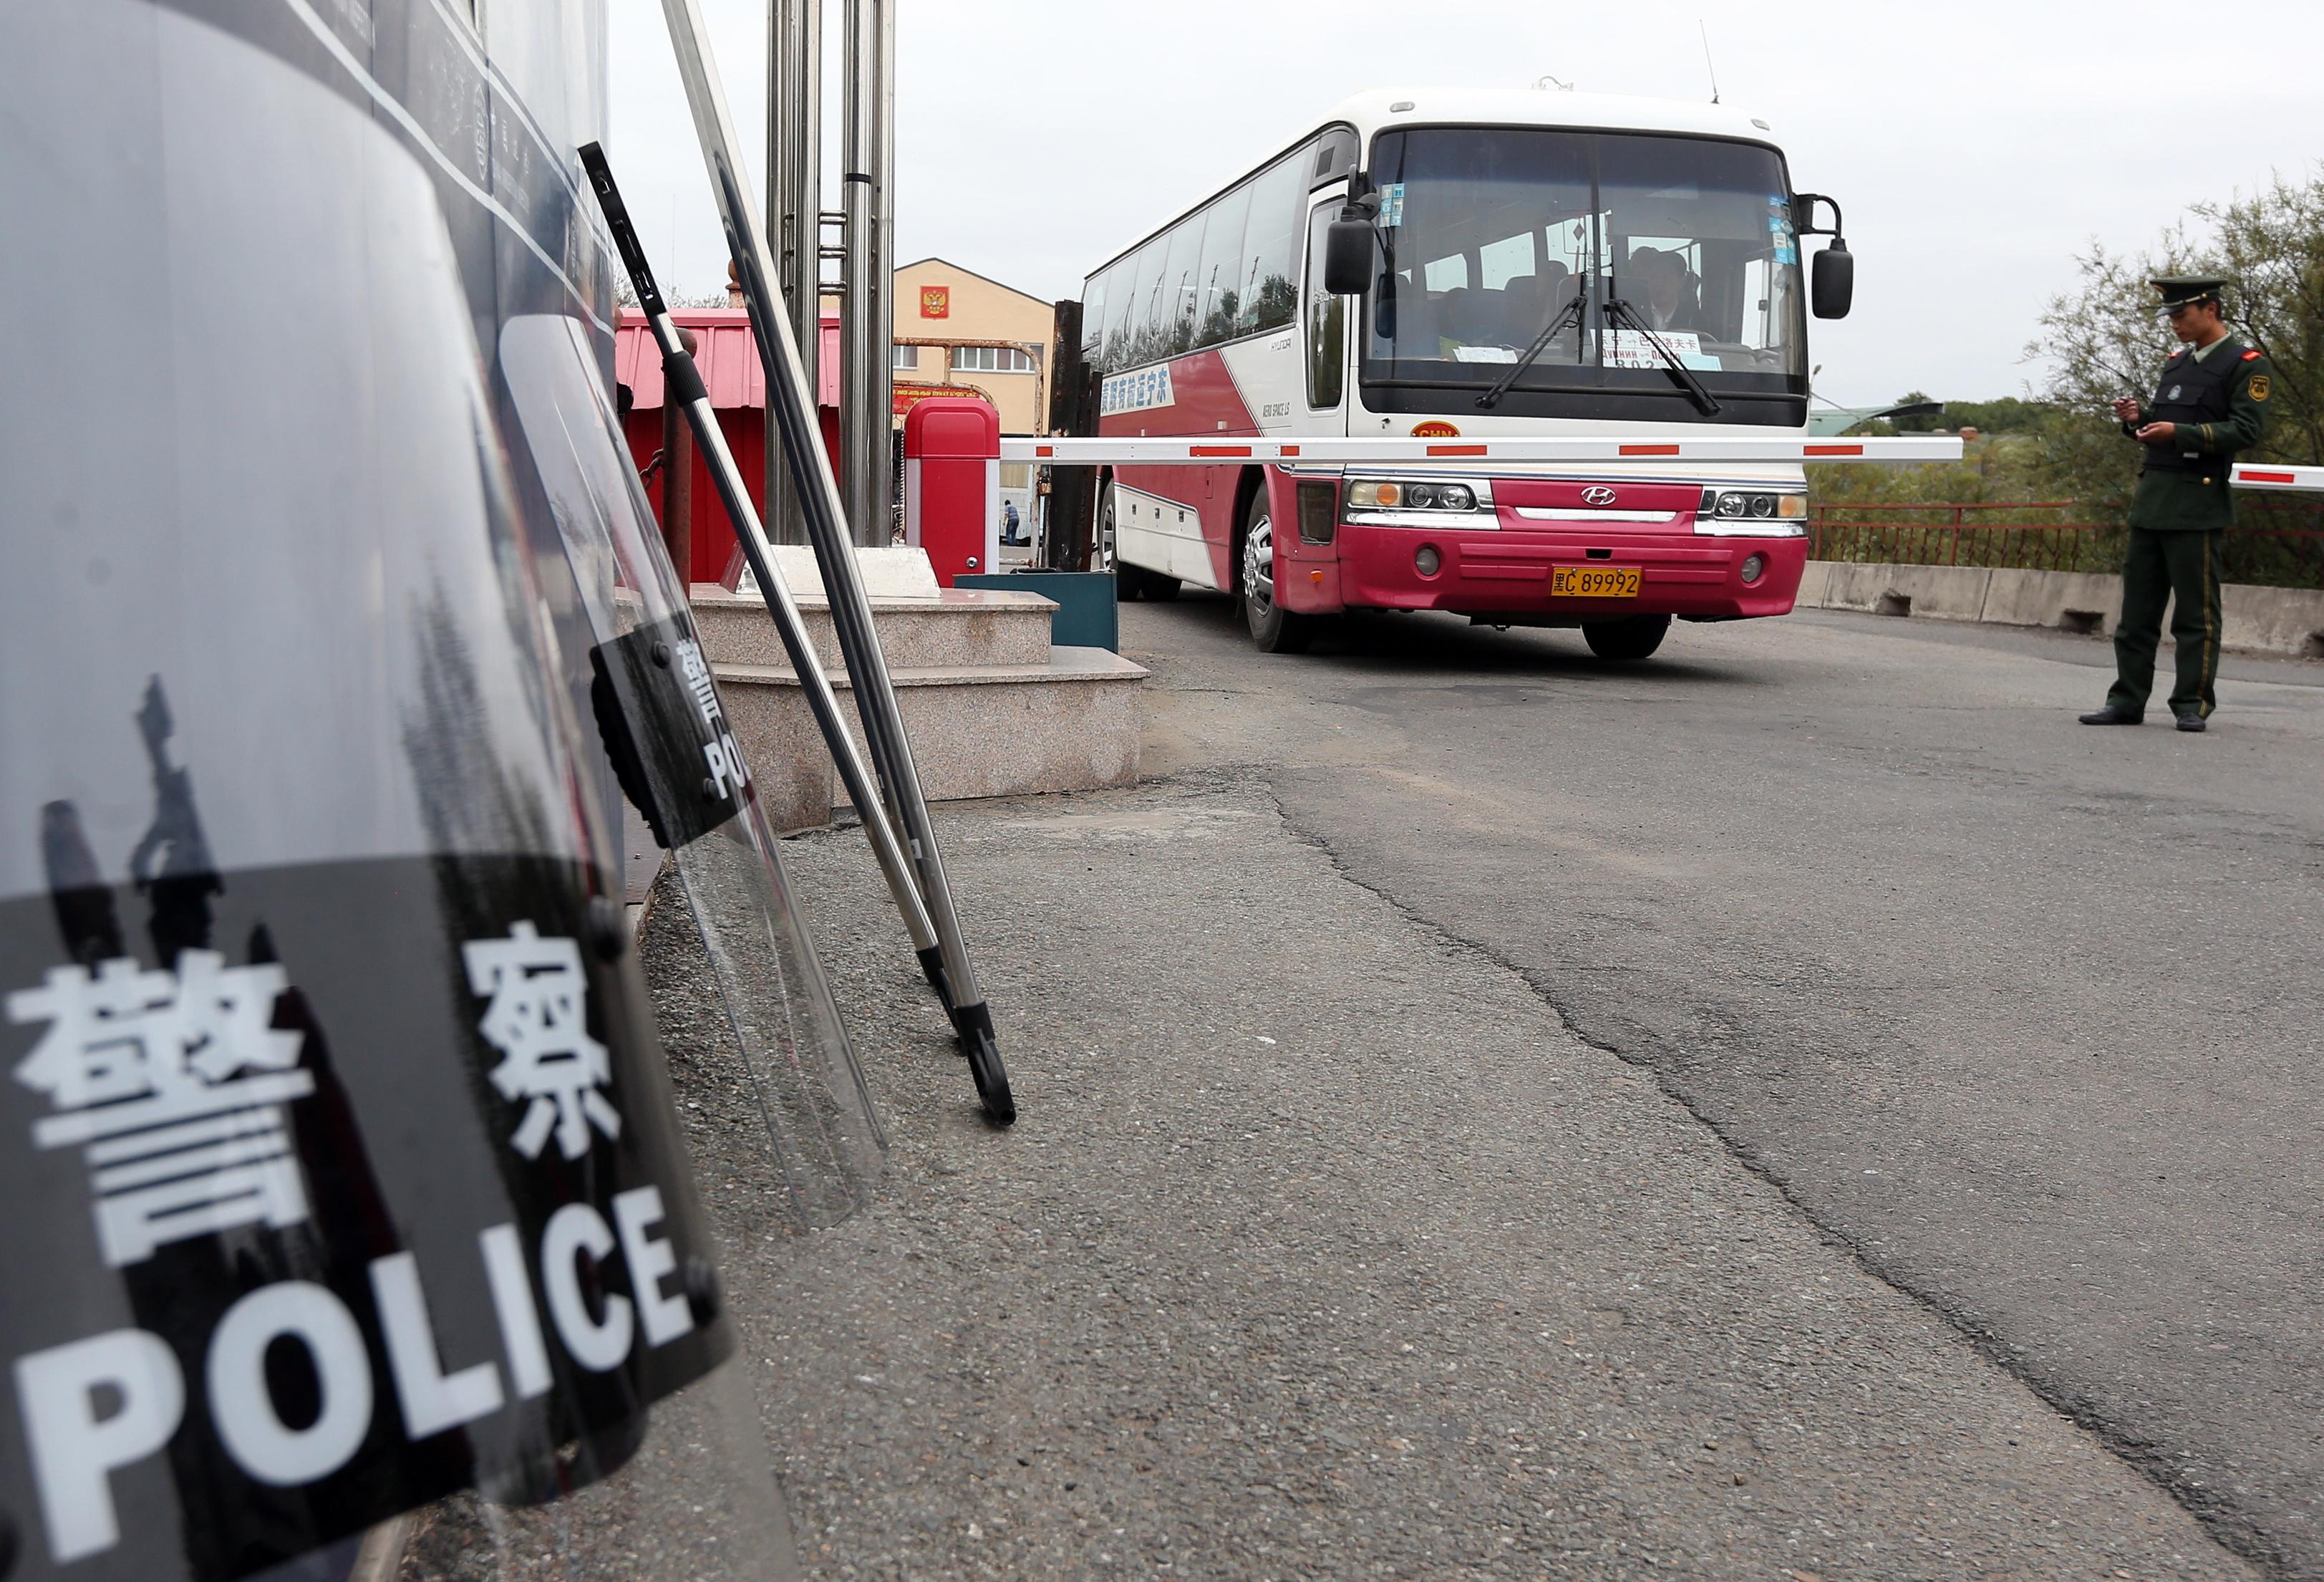 Причины взрывов в Юньнане устанавливаются Фото: Алексей Дружинин/ТАСС